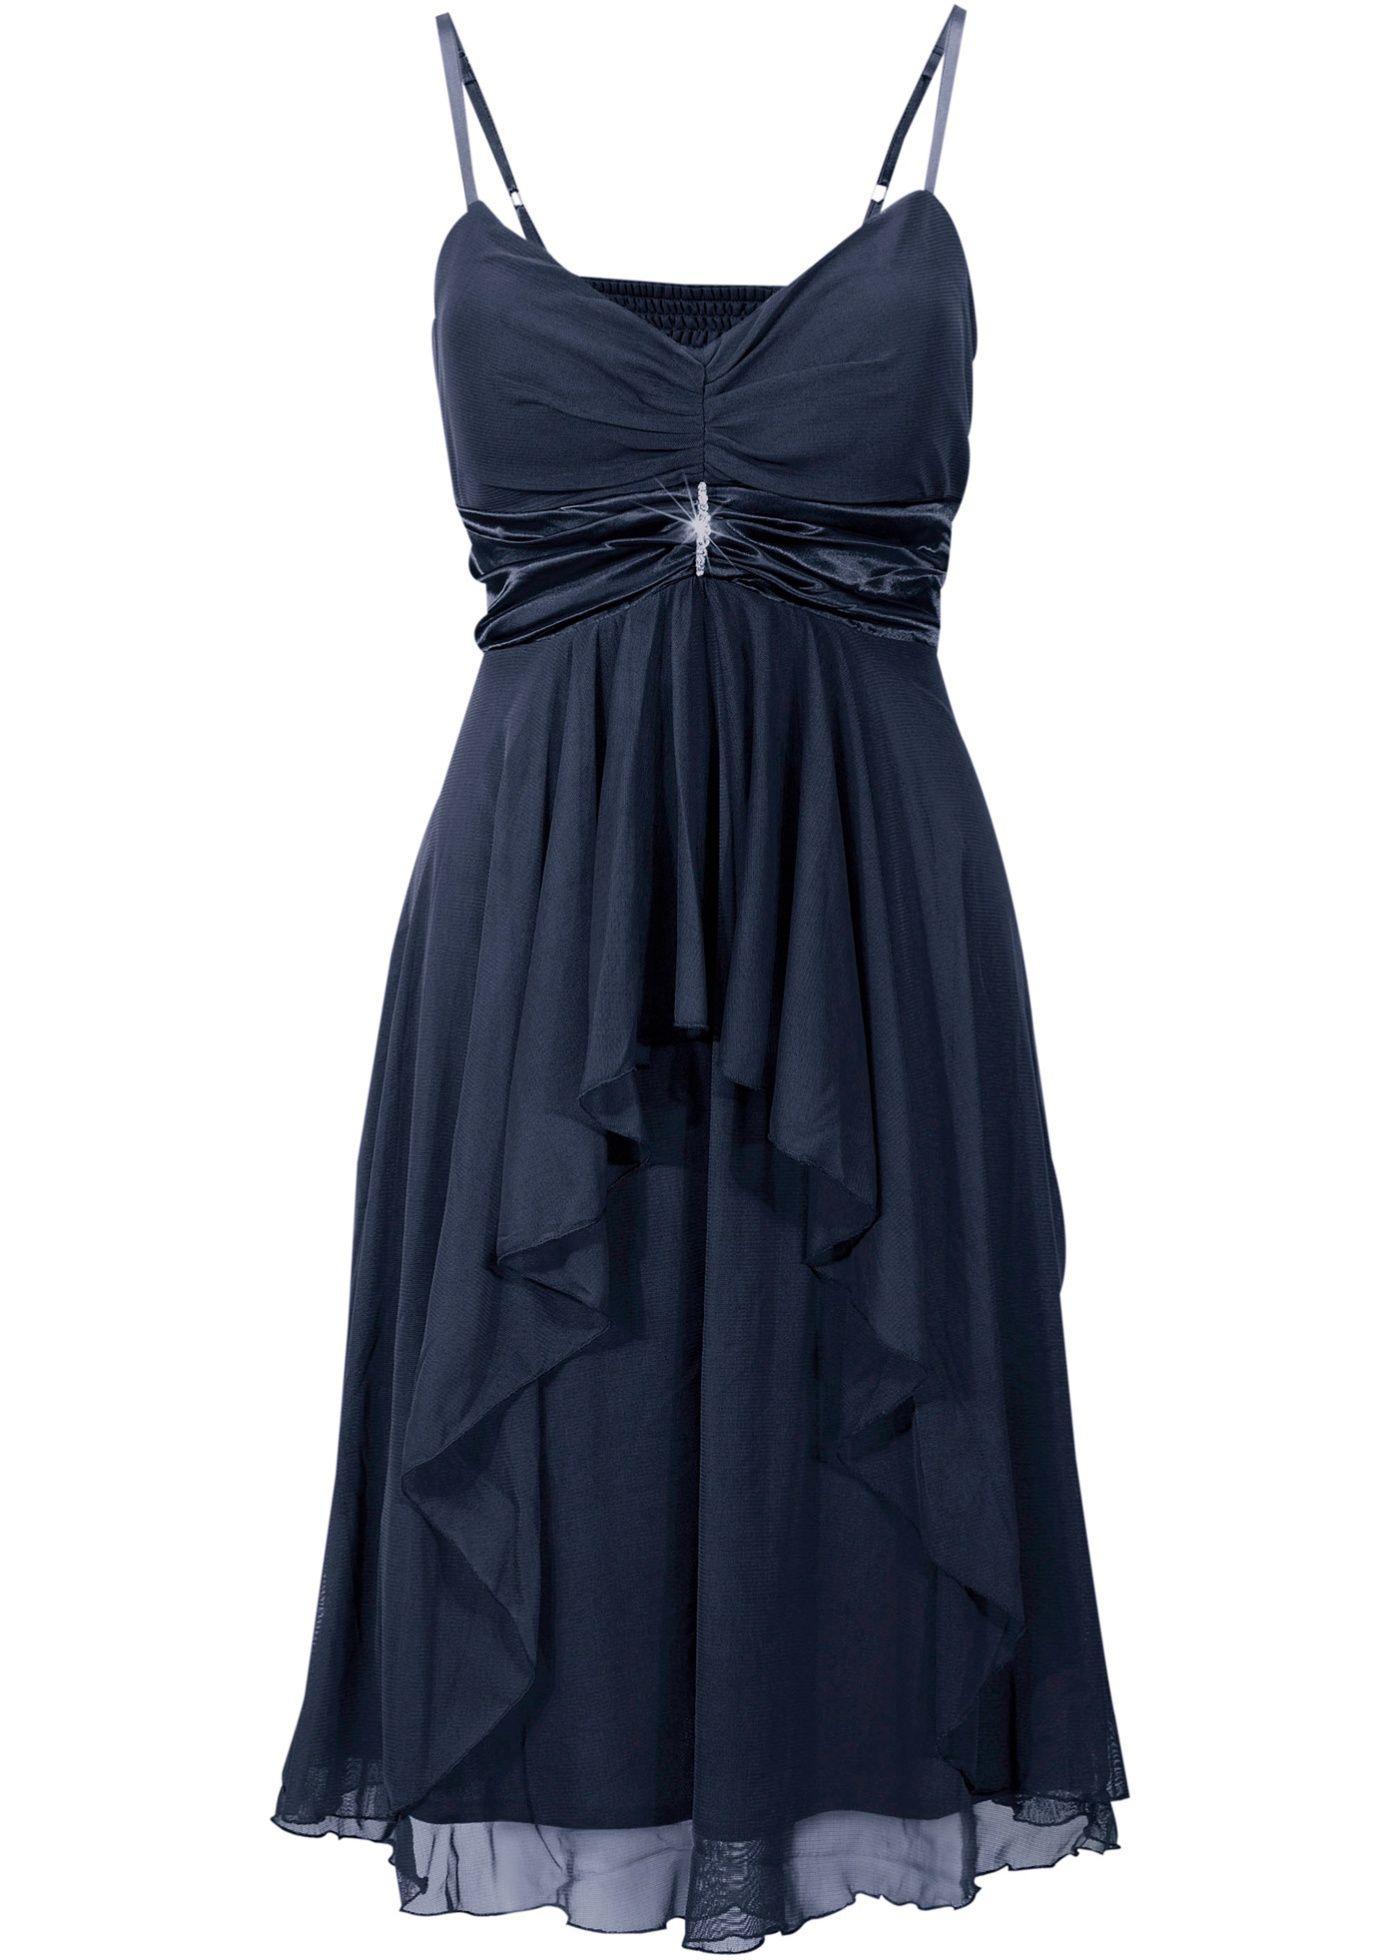 20 Schön Schöne Kleider Bestellen Vertrieb20 Cool Schöne Kleider Bestellen Bester Preis